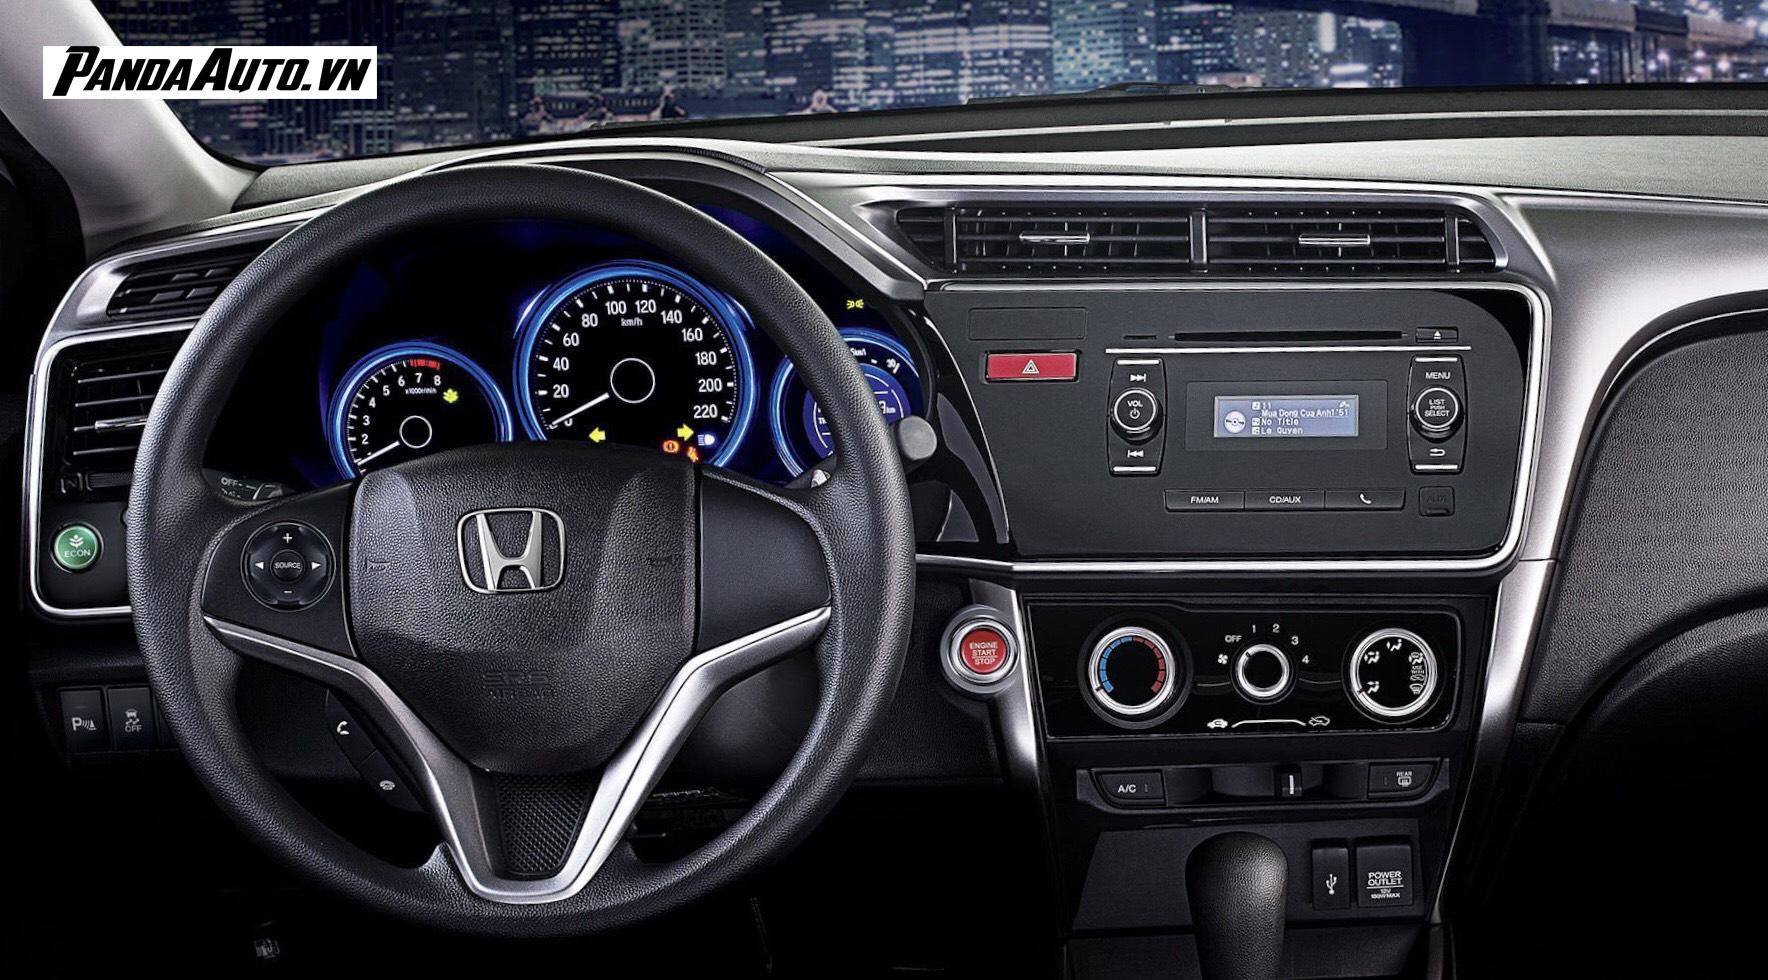 Màn hình ô tô trên xe Honda City 2016